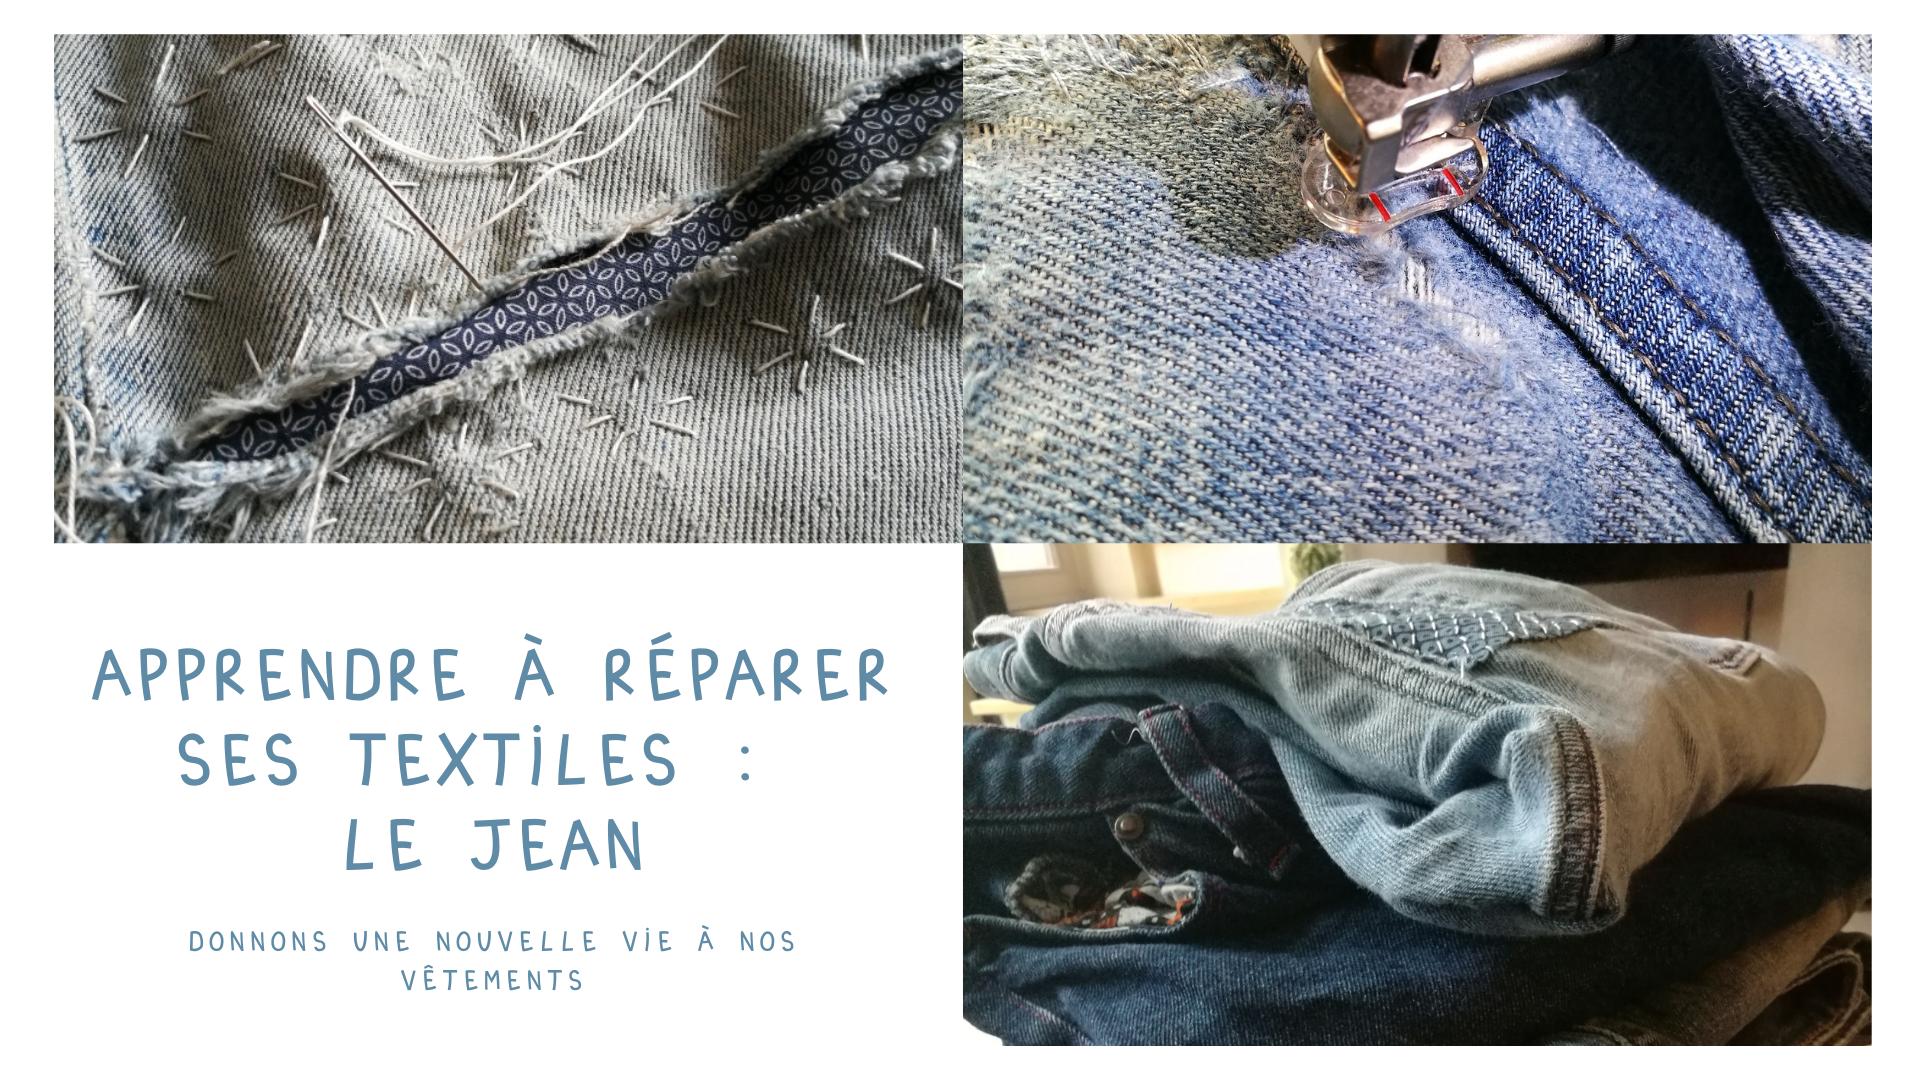 Apprendre à réparer ses textiles : le jean